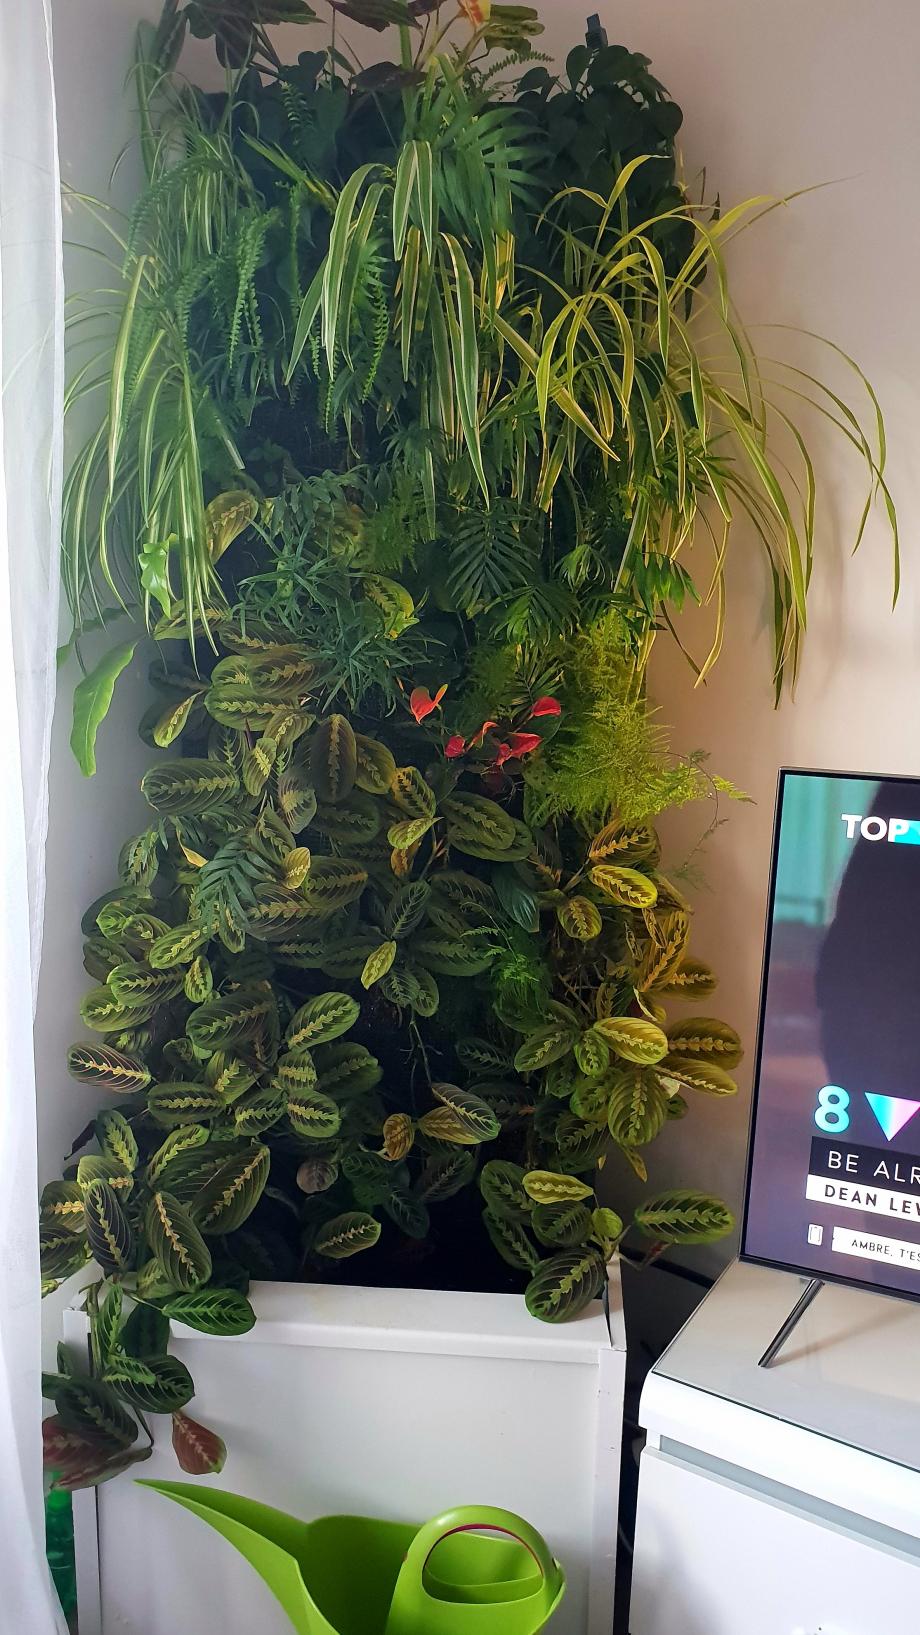 Mur TV 17 février 19.jpg